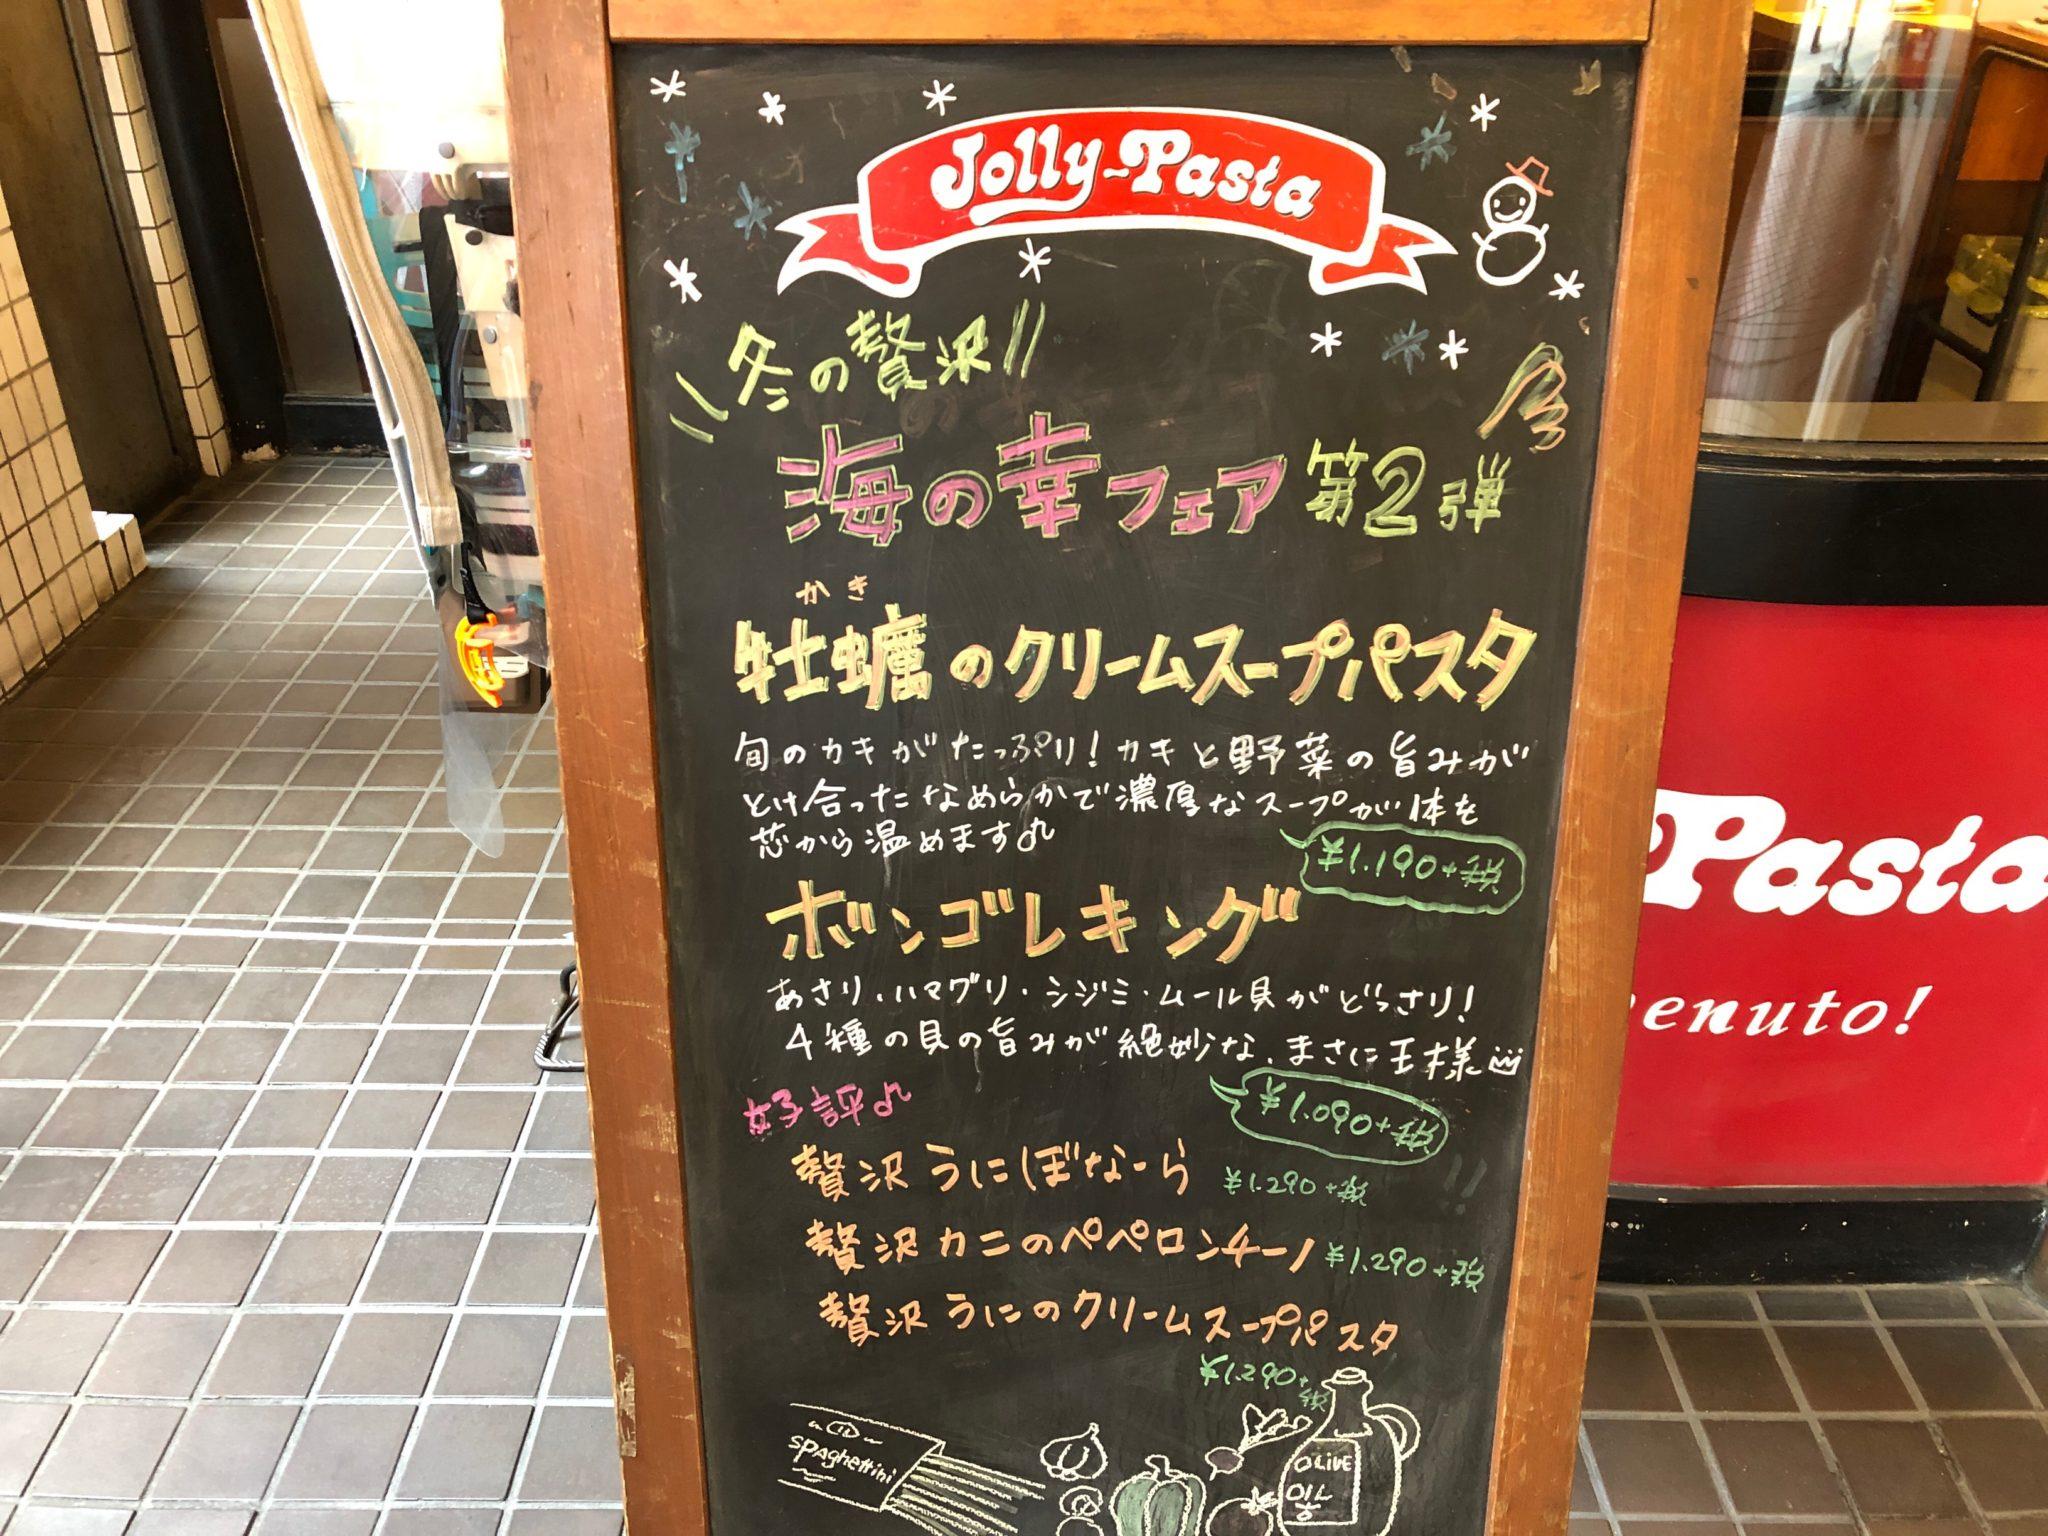 ジョリーパスタ三軒茶屋本店の黒板メニュー